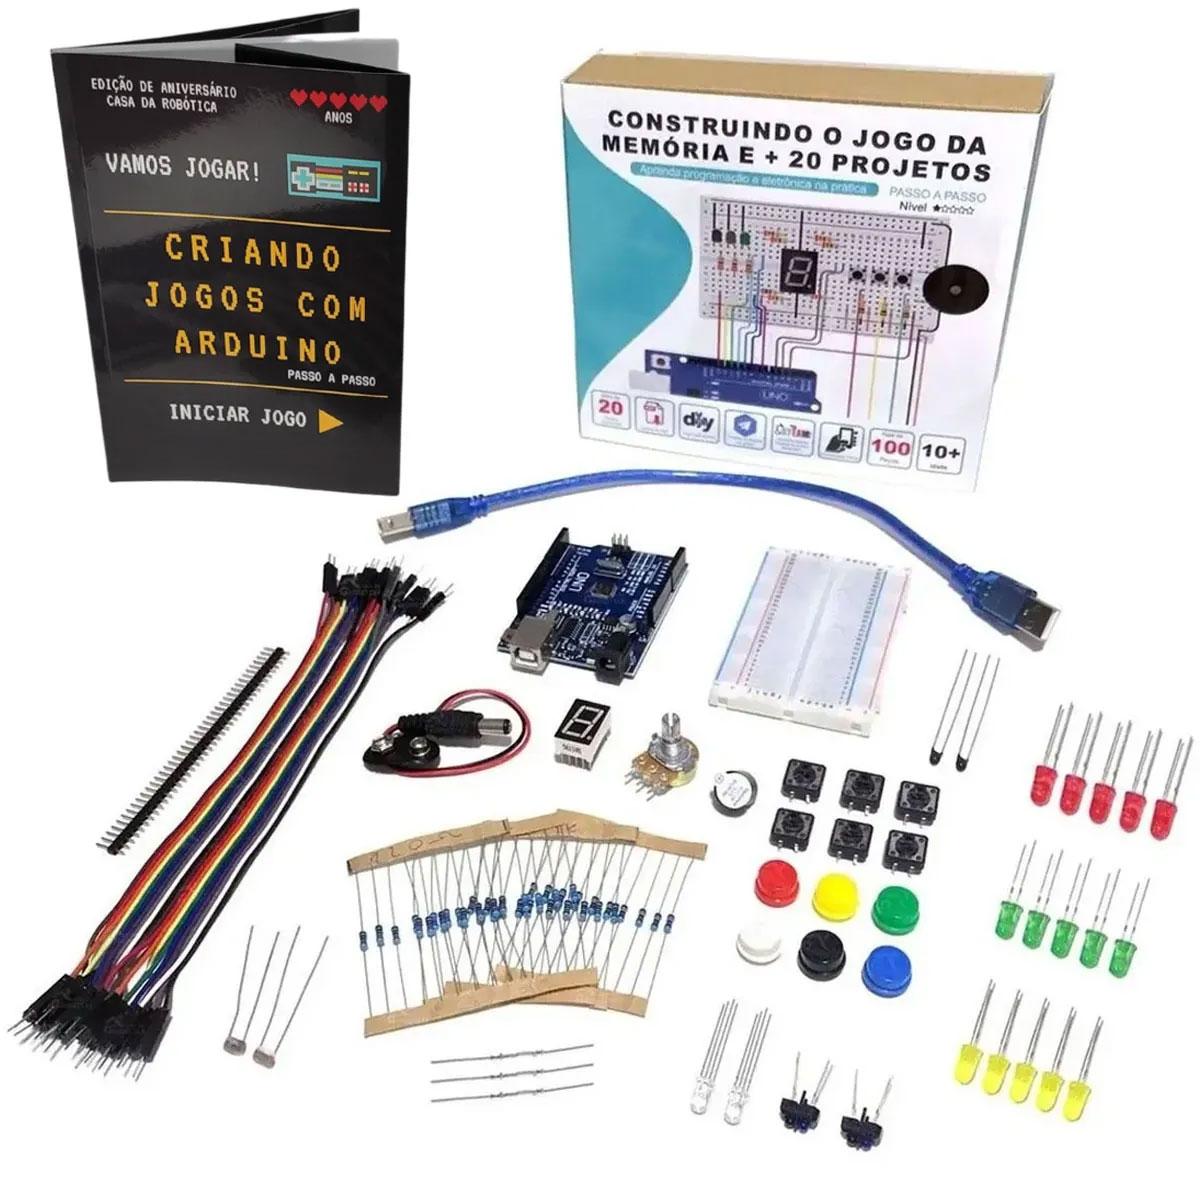 Kit Iniciante para Arduino com Tutorial Digital - Construindo o Jogo da Memória + Livro Físico: Criando Jogos com Arduino